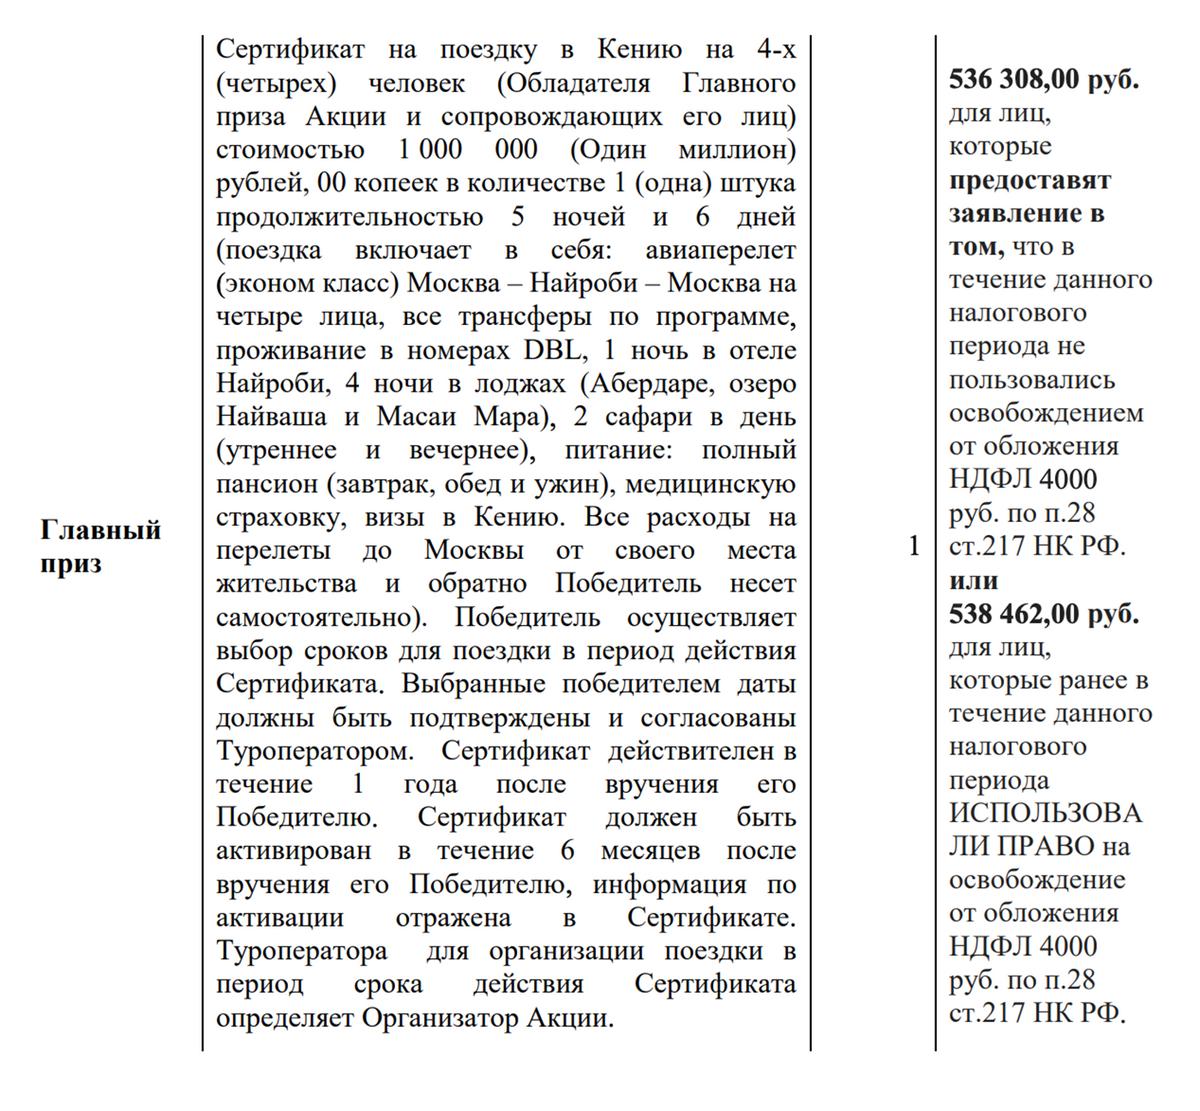 Размер денежной части зависит от того, вычитали ли вы уже 4000<span class=ruble>Р</span> из суммы выигрышей за год. Если нет, денежная часть до выплаты НДФЛ равна 536 308<span class=ruble>Р</span>, если вычитали — 538 462<span class=ruble>Р</span>